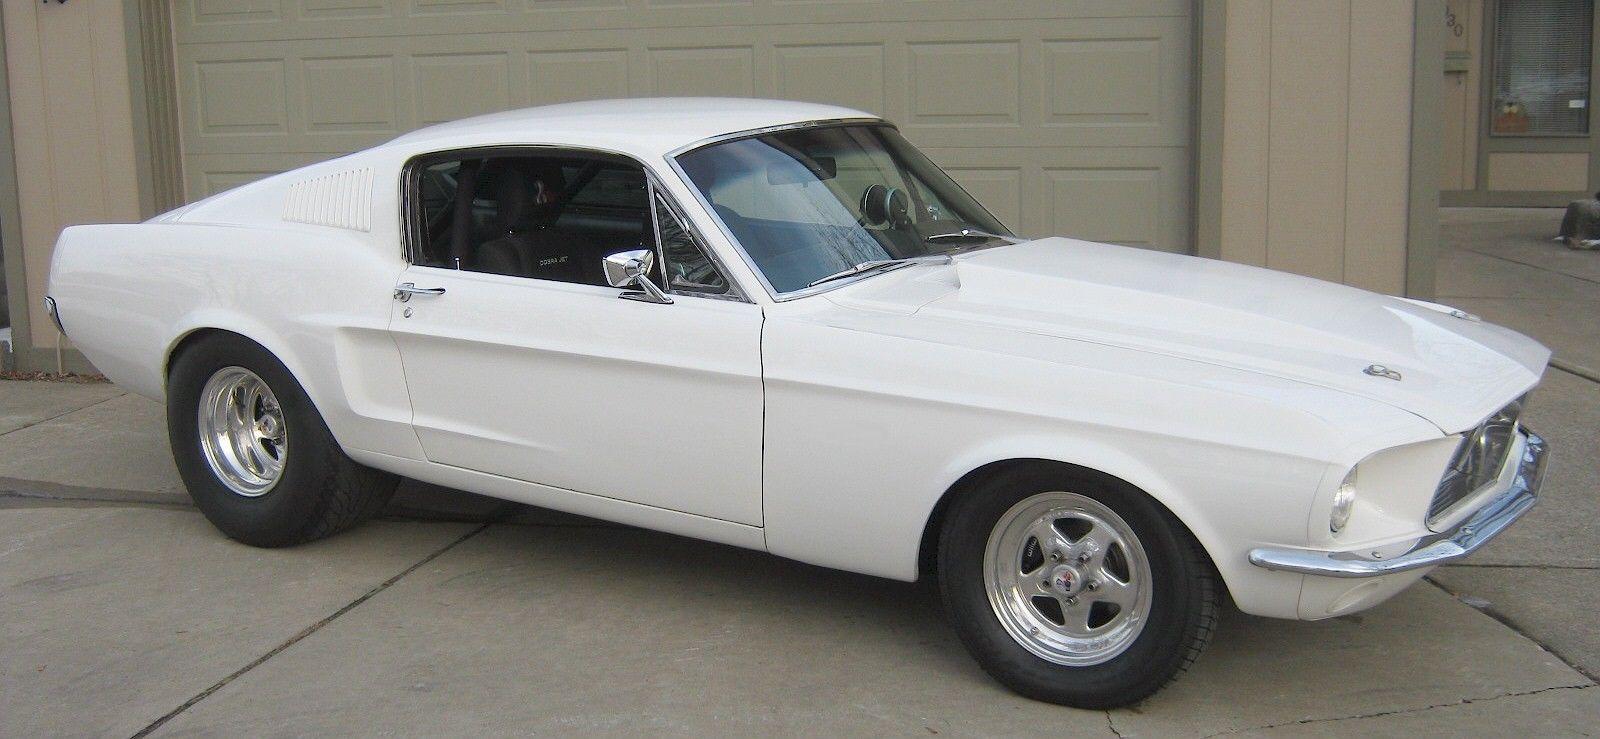 1967 Mustang Eleanor Color Code